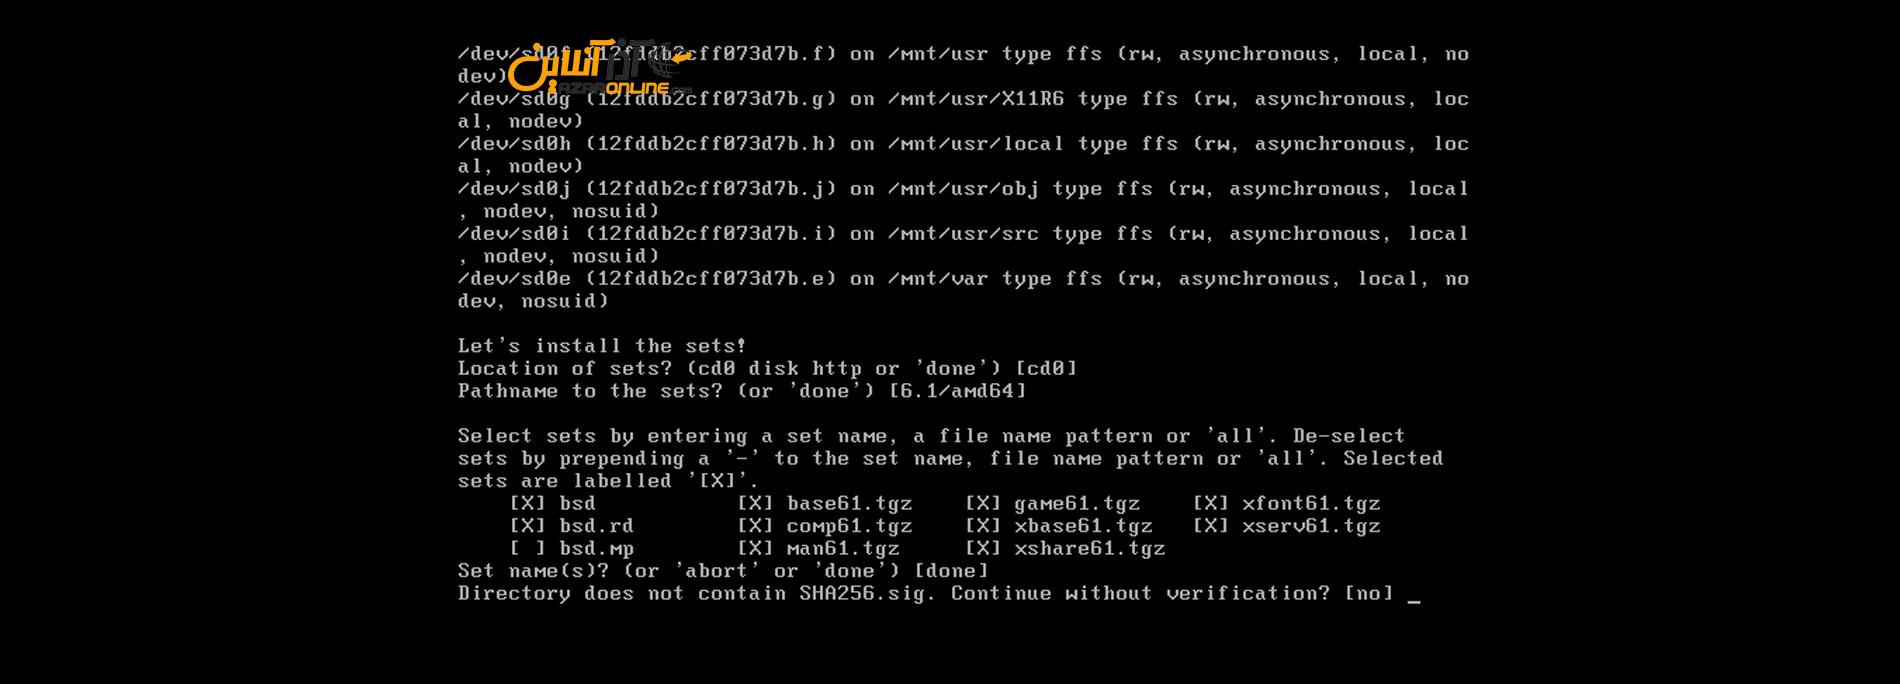 وارد کردن yes برای نصب فایلهای تنظیم